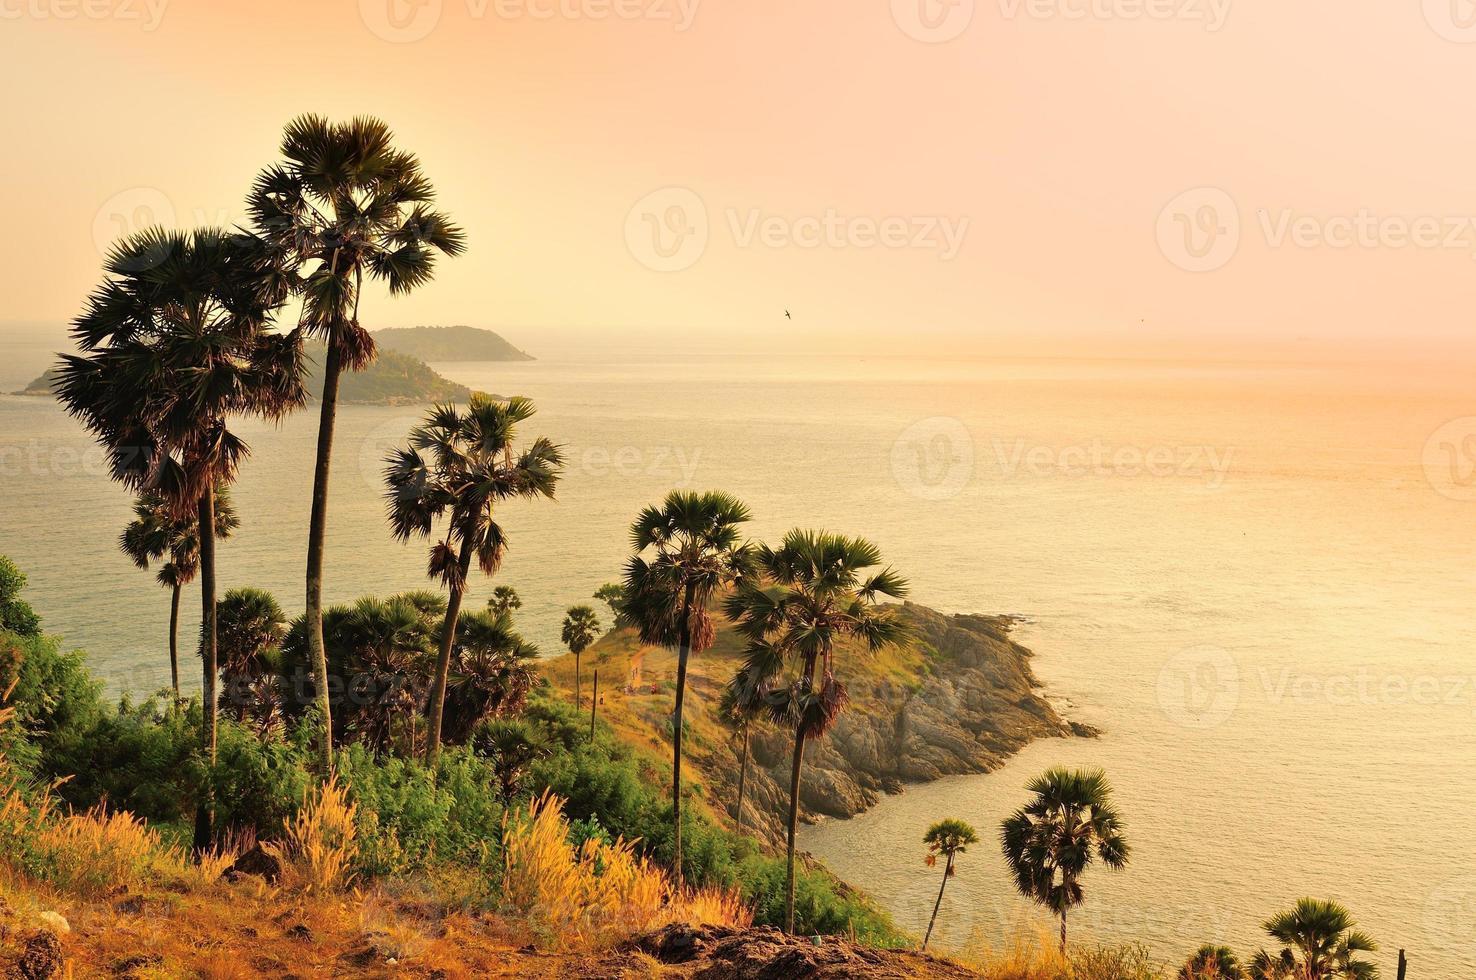 cabo famoso, bom ponto de vista em phuket, tailândia foto